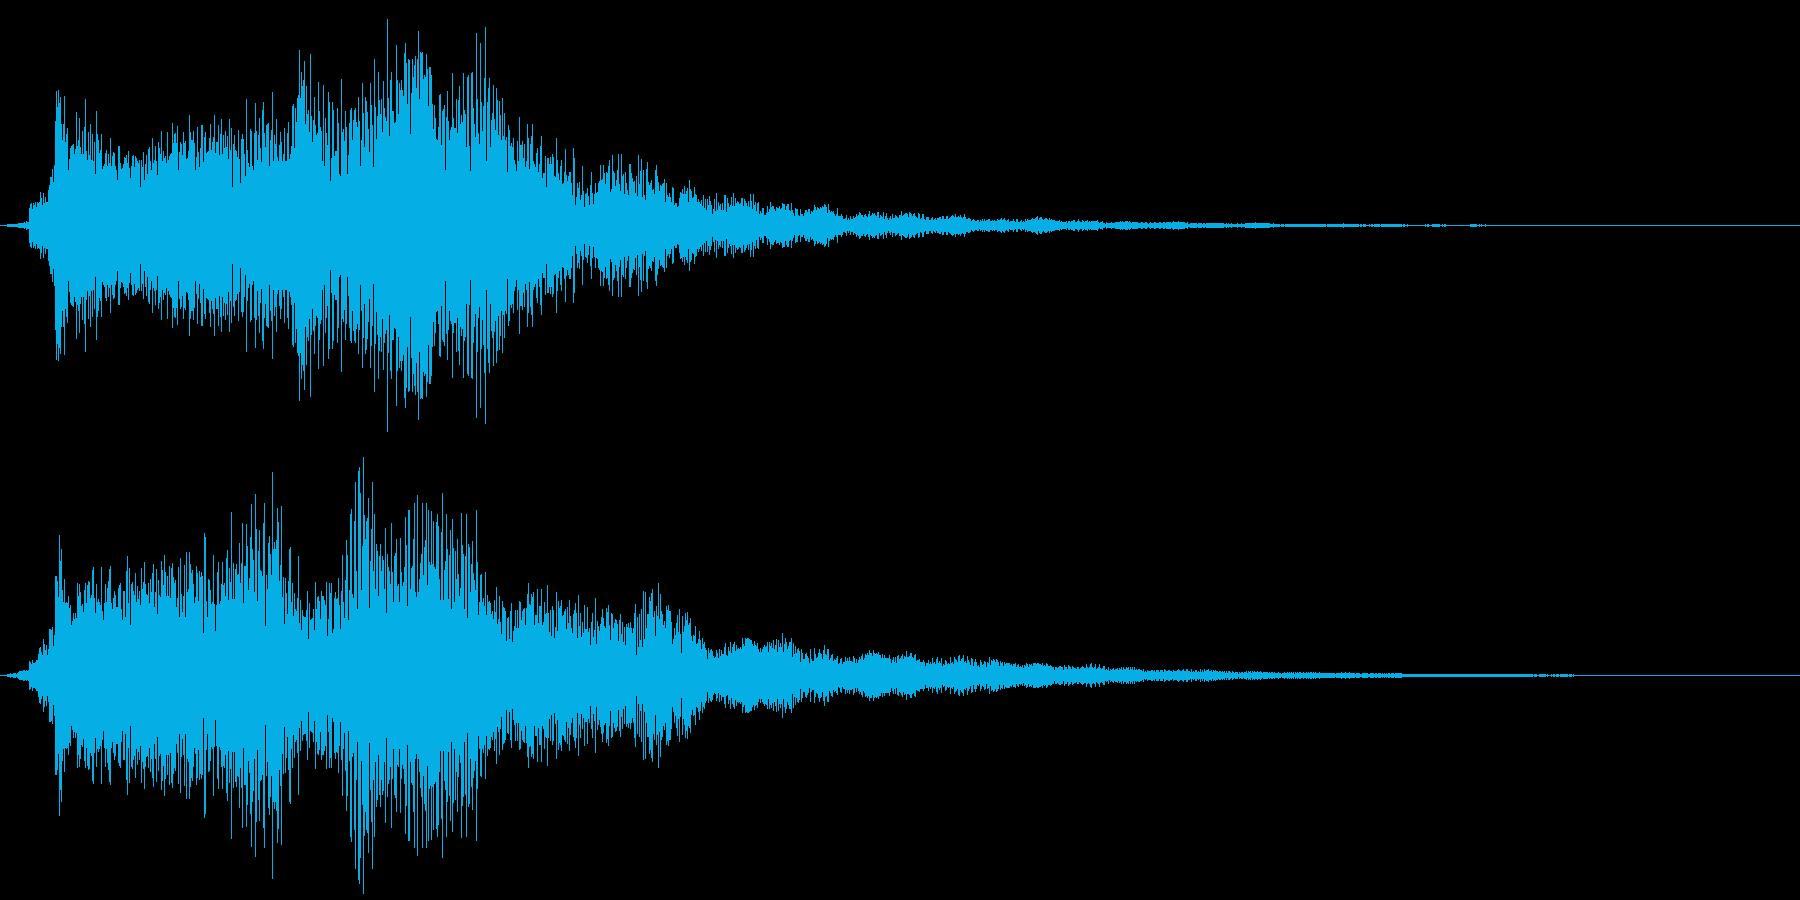 シュイーン(起動音・企業サウンドロゴ)の再生済みの波形